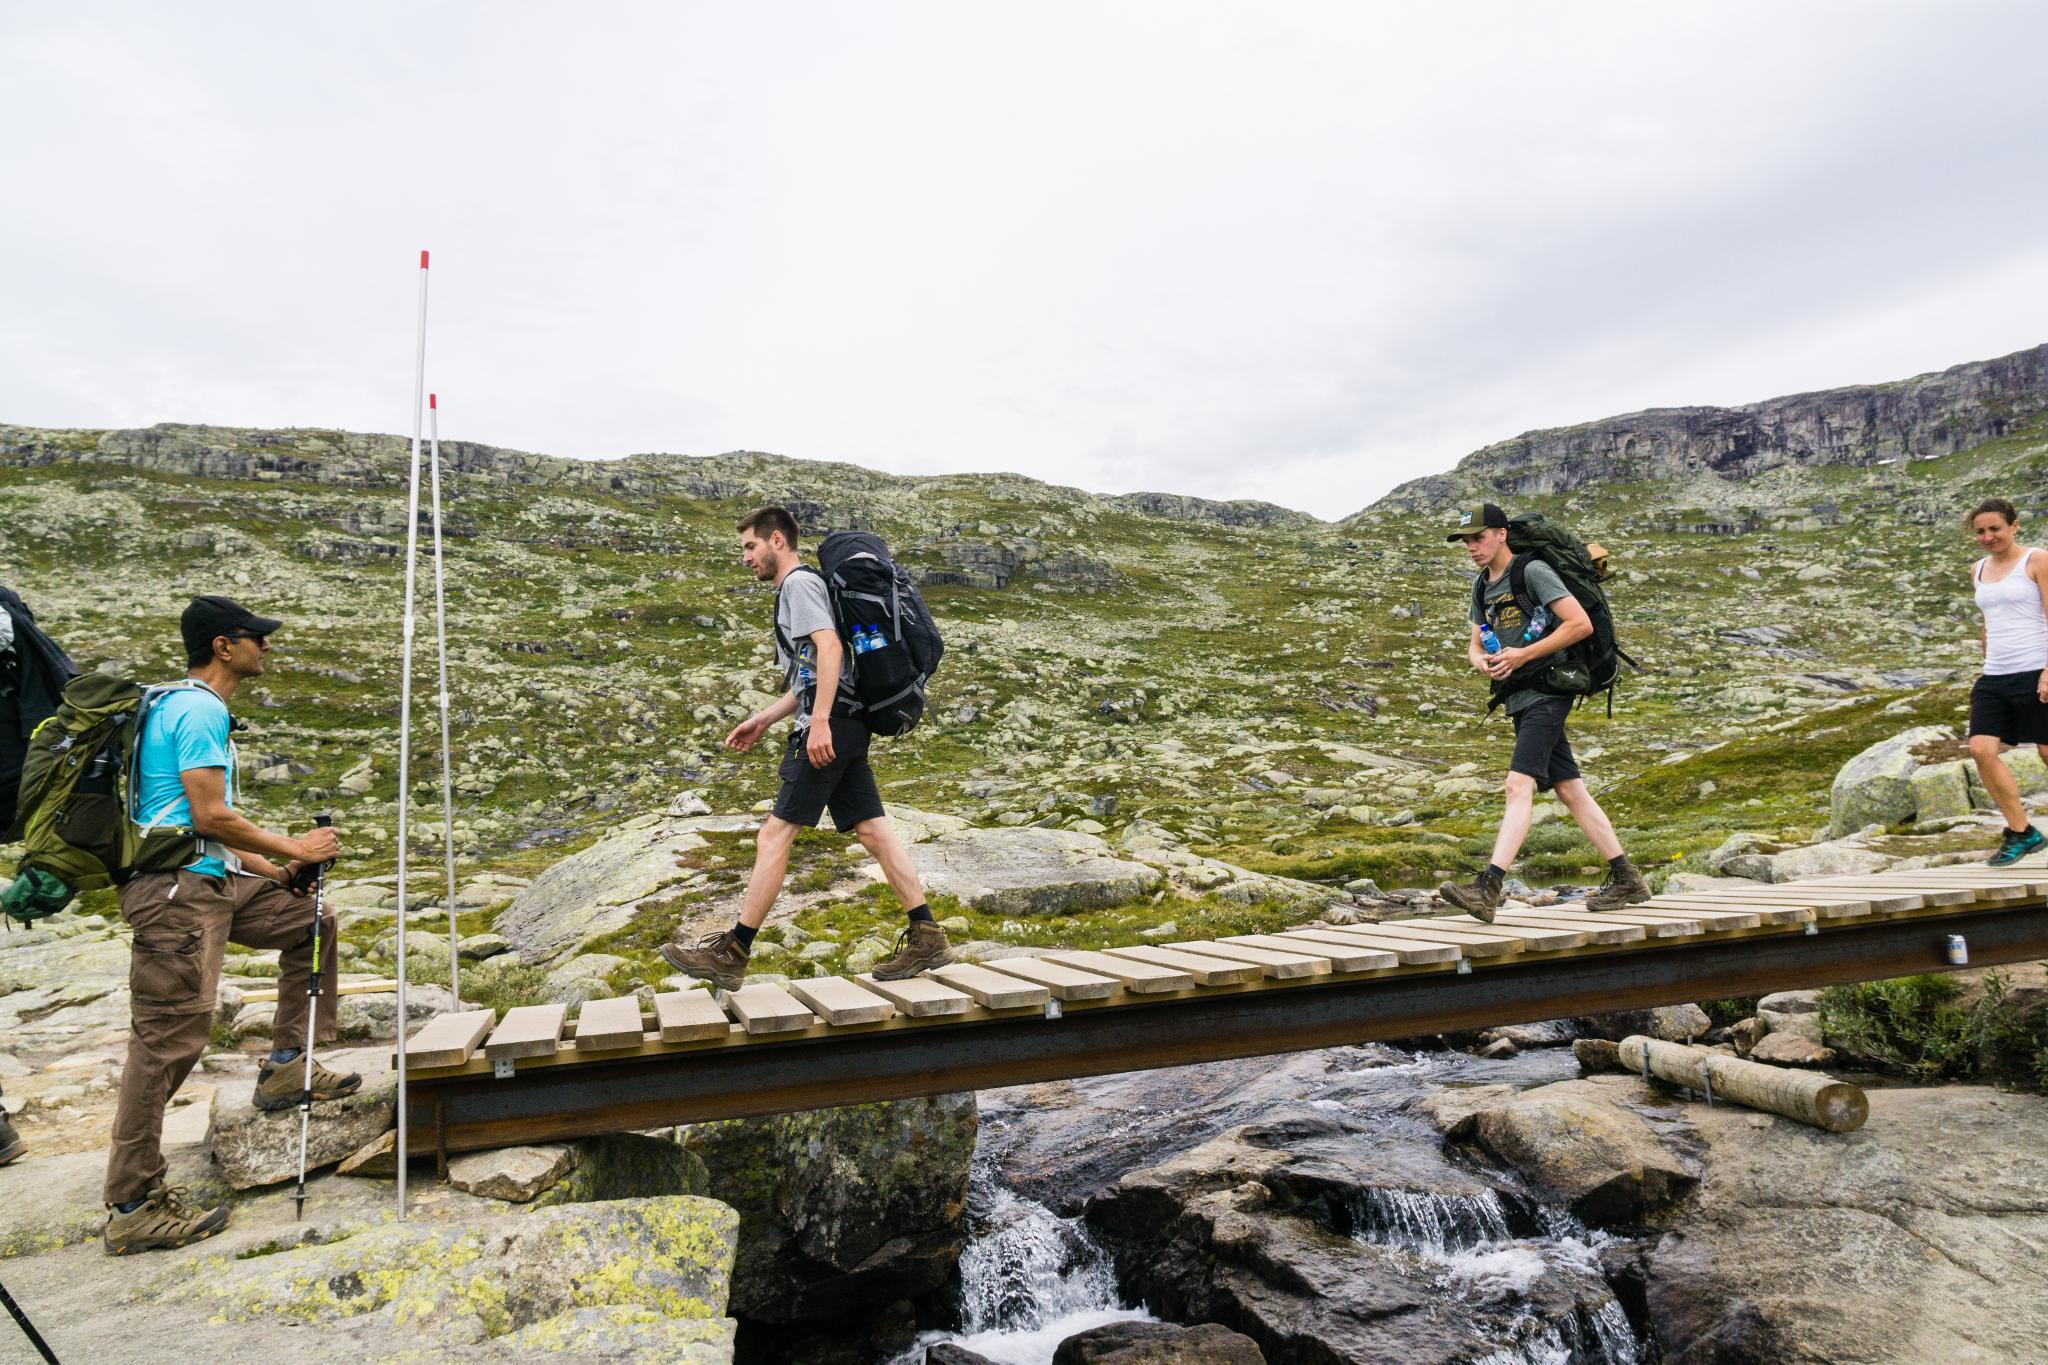 【北歐景點】挪威惡魔之舌 Trolltunga — 28公里健行挑戰全攻略 199